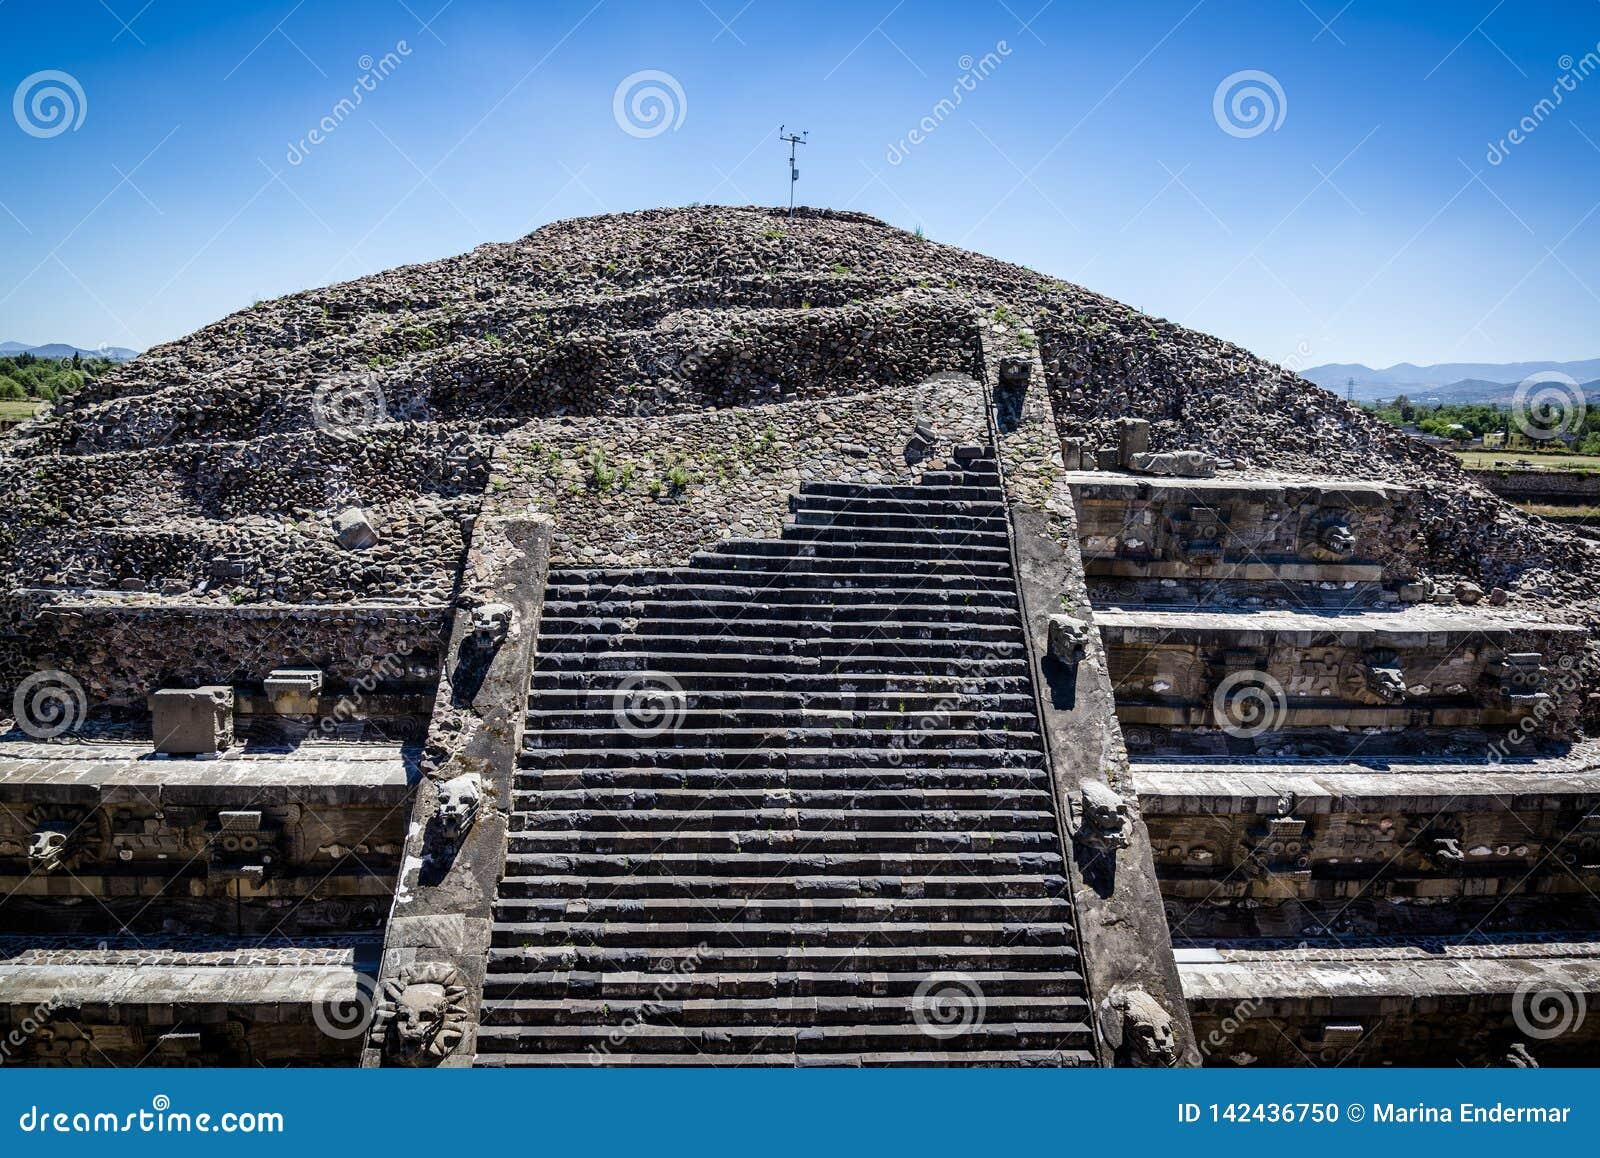 用羽毛装饰的蛇的寺庙,特奥蒂瓦坎,墨西哥